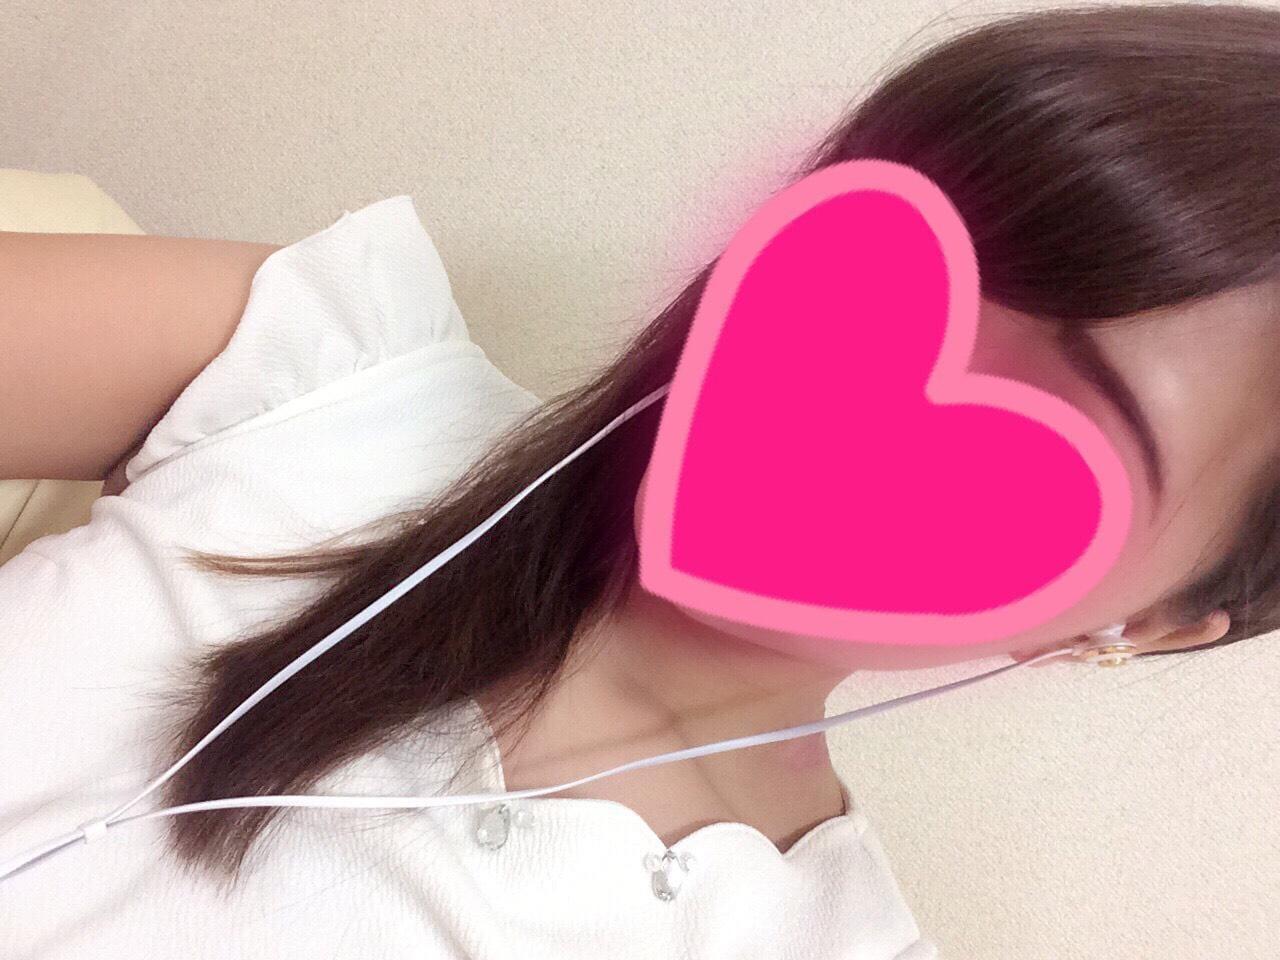 「京都」12/11(12/11) 03:07 | まりこの写メ・風俗動画